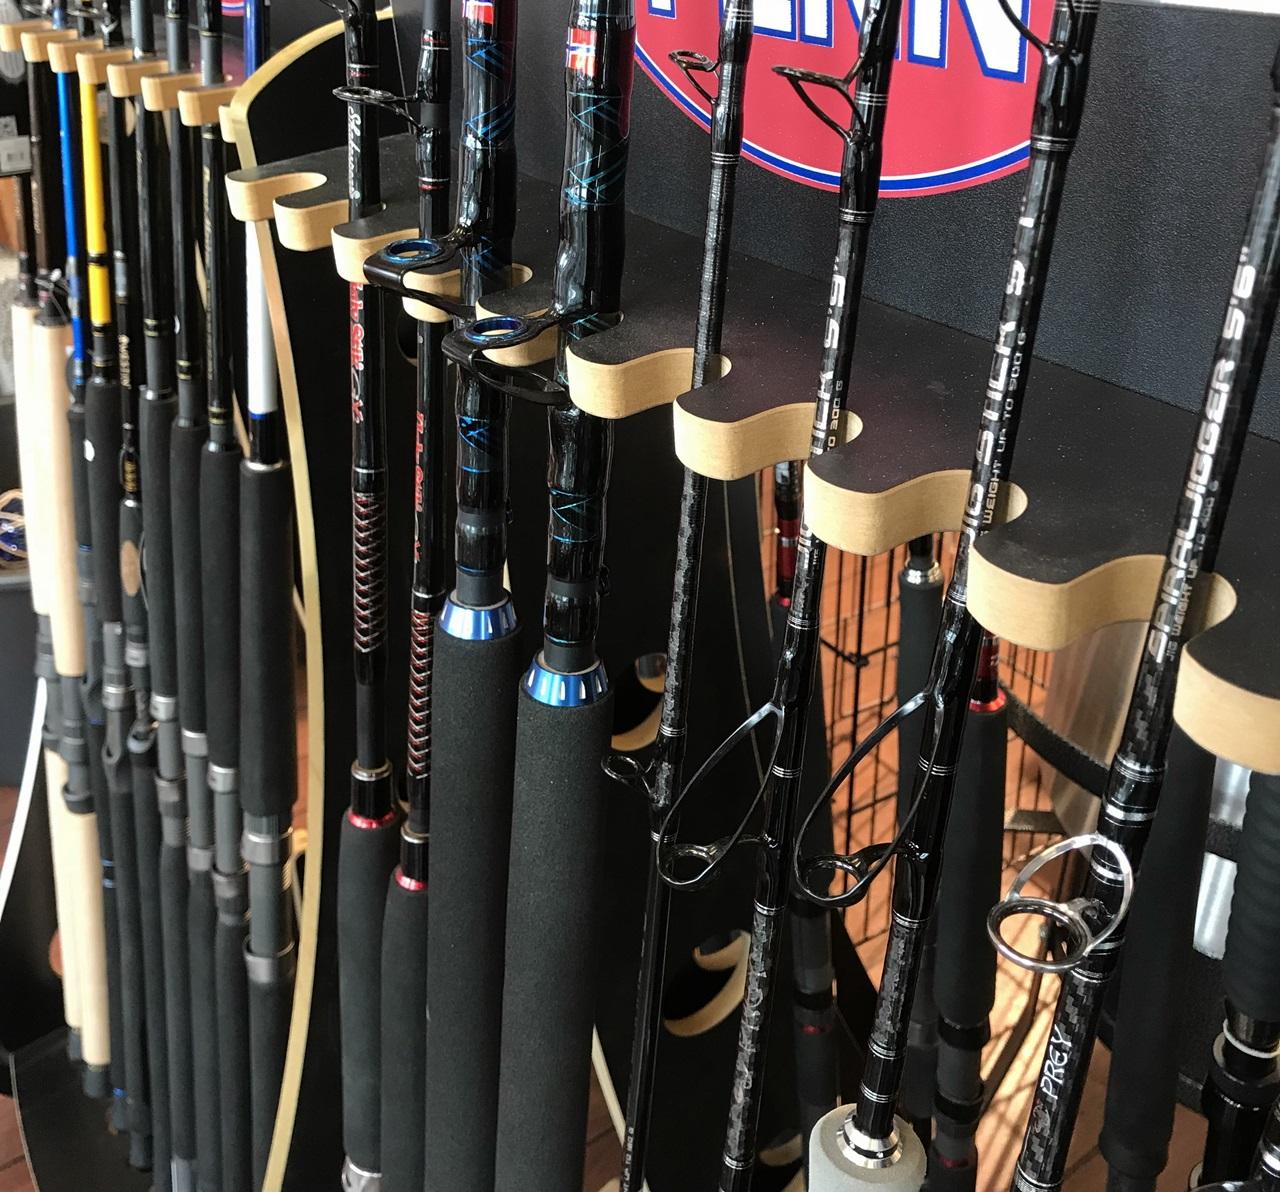 Utvalget er enormt, det gjelder å finne stangen som passer ditt fiske